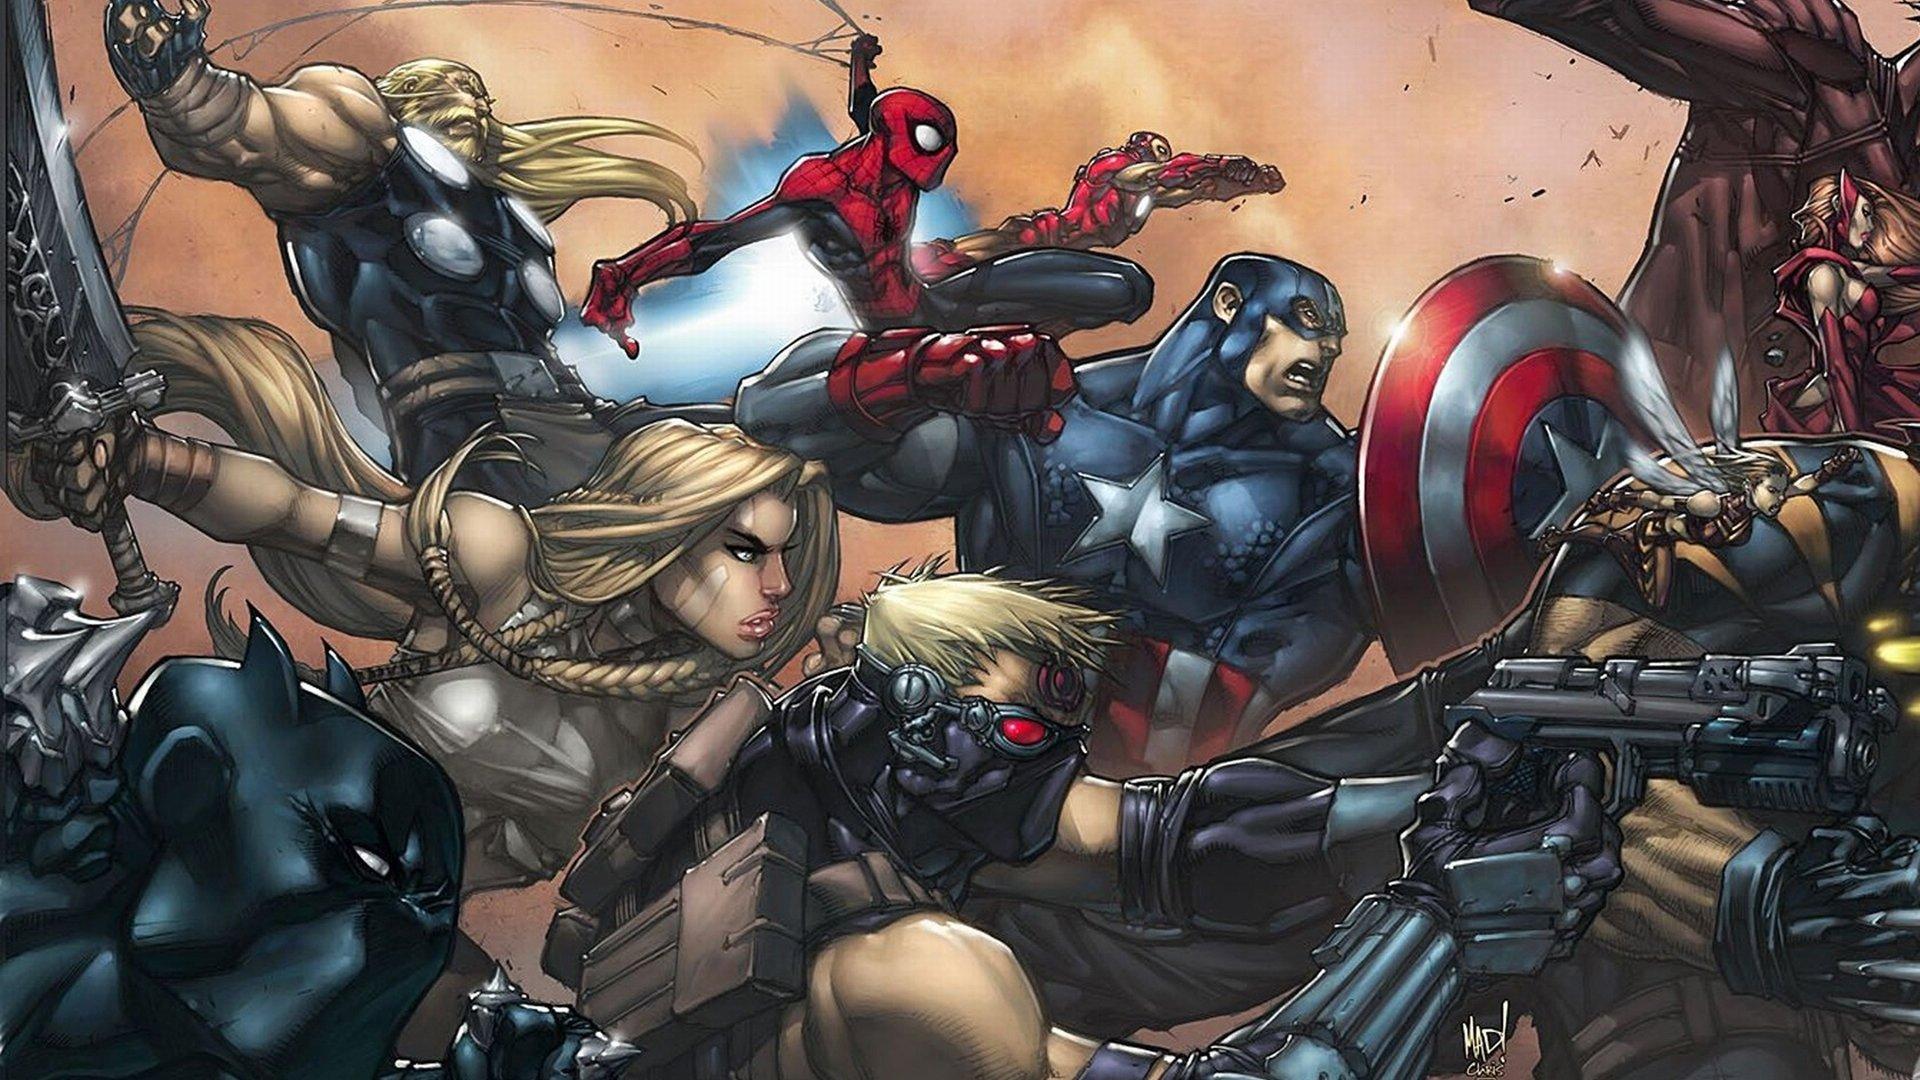 Ultimate Marvel Vs Capcom 3 Wallpapers Hd For Desktop Backgrounds